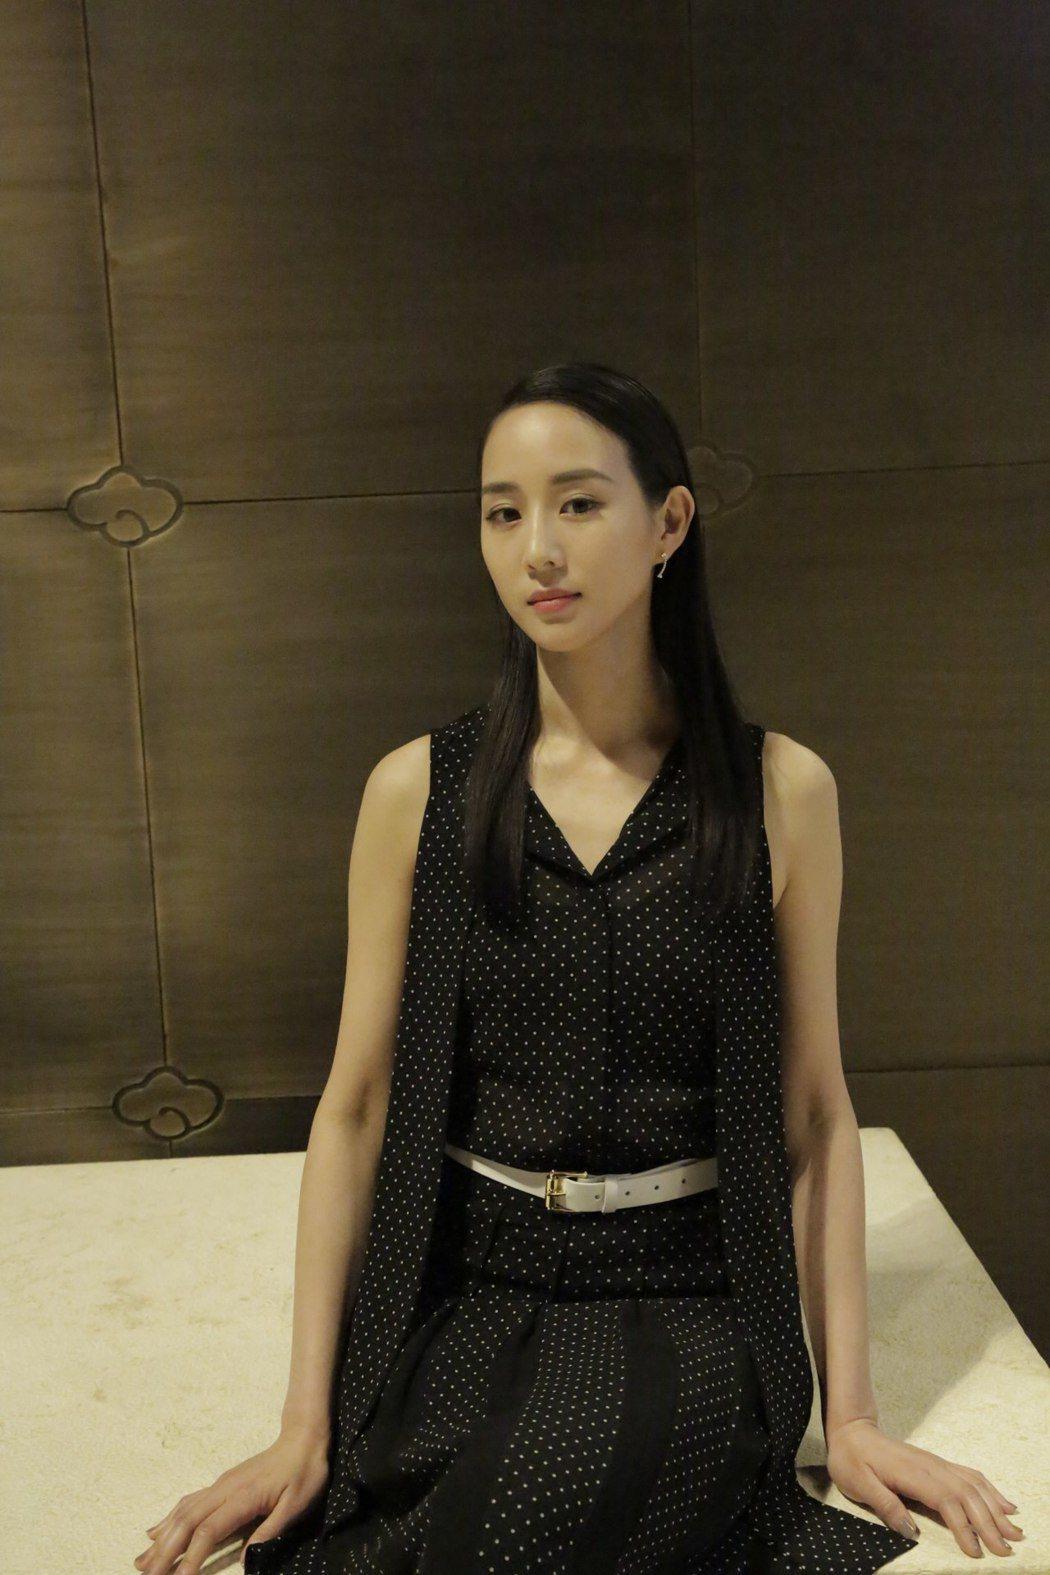 張鈞甯以黑白波卡圓點裙裝穿出精緻清新的風味。圖/MICHAEL KORS提供